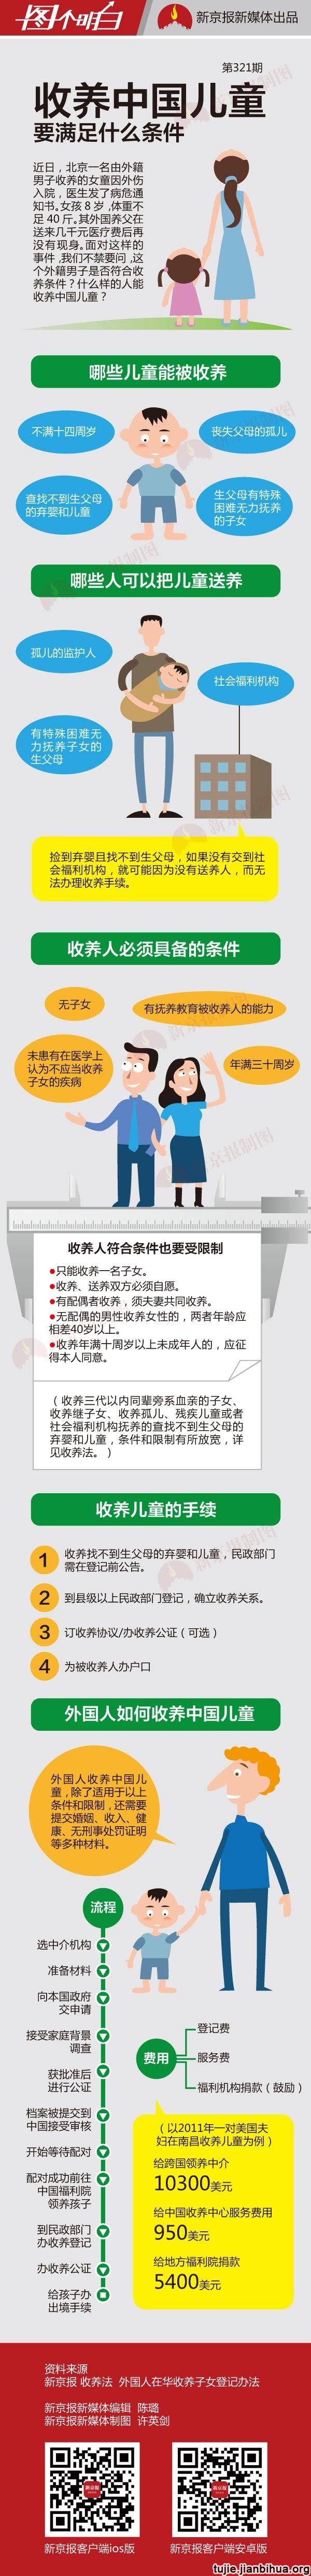 外国人如何收养中国儿童图解